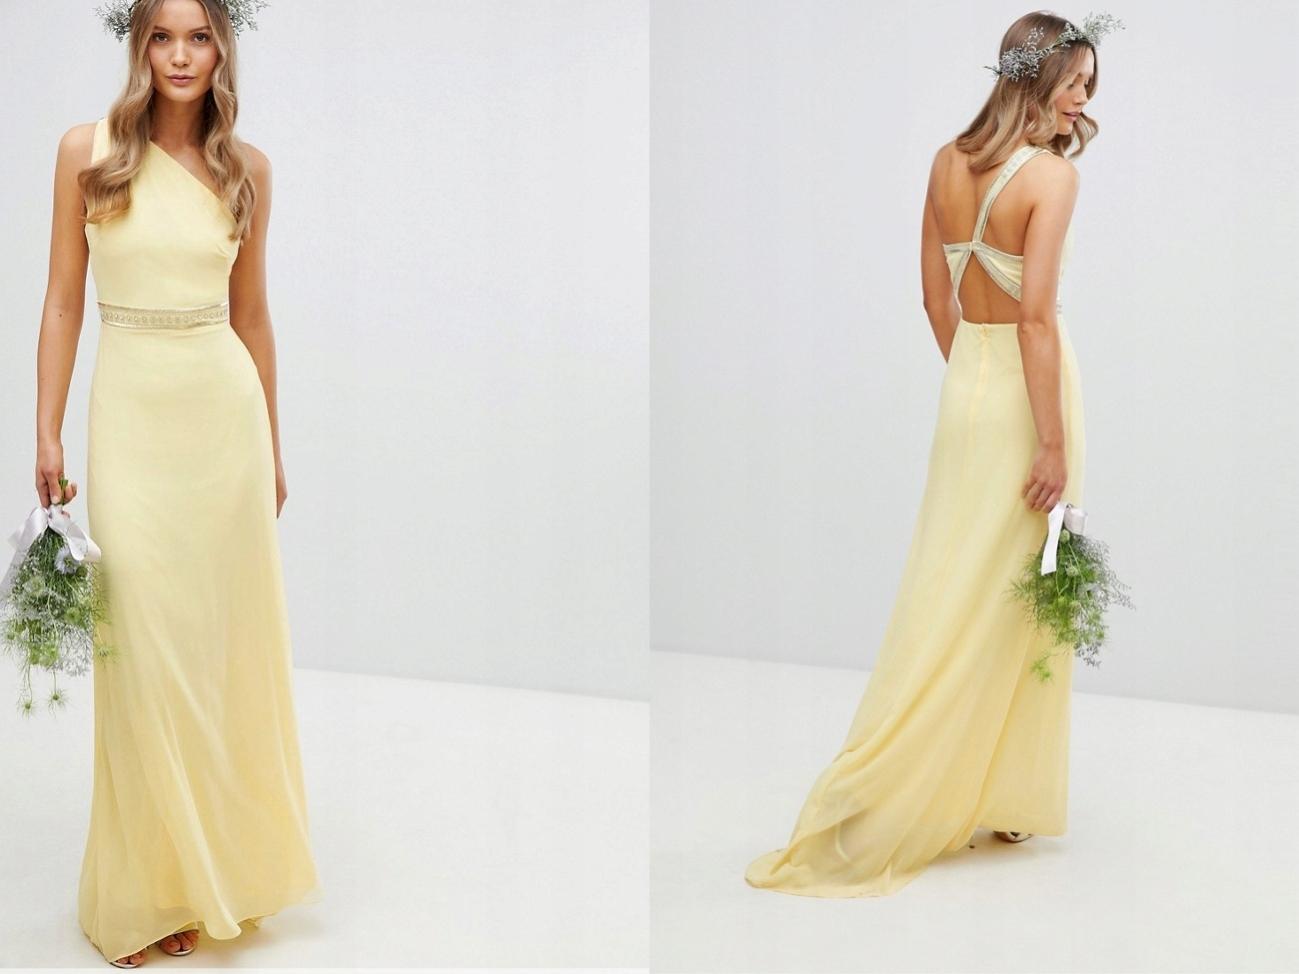 afca1747d0c6c7 TFNC Żółta Sukienka Maxi na jedno ramię S/36 - 7701223825 ...